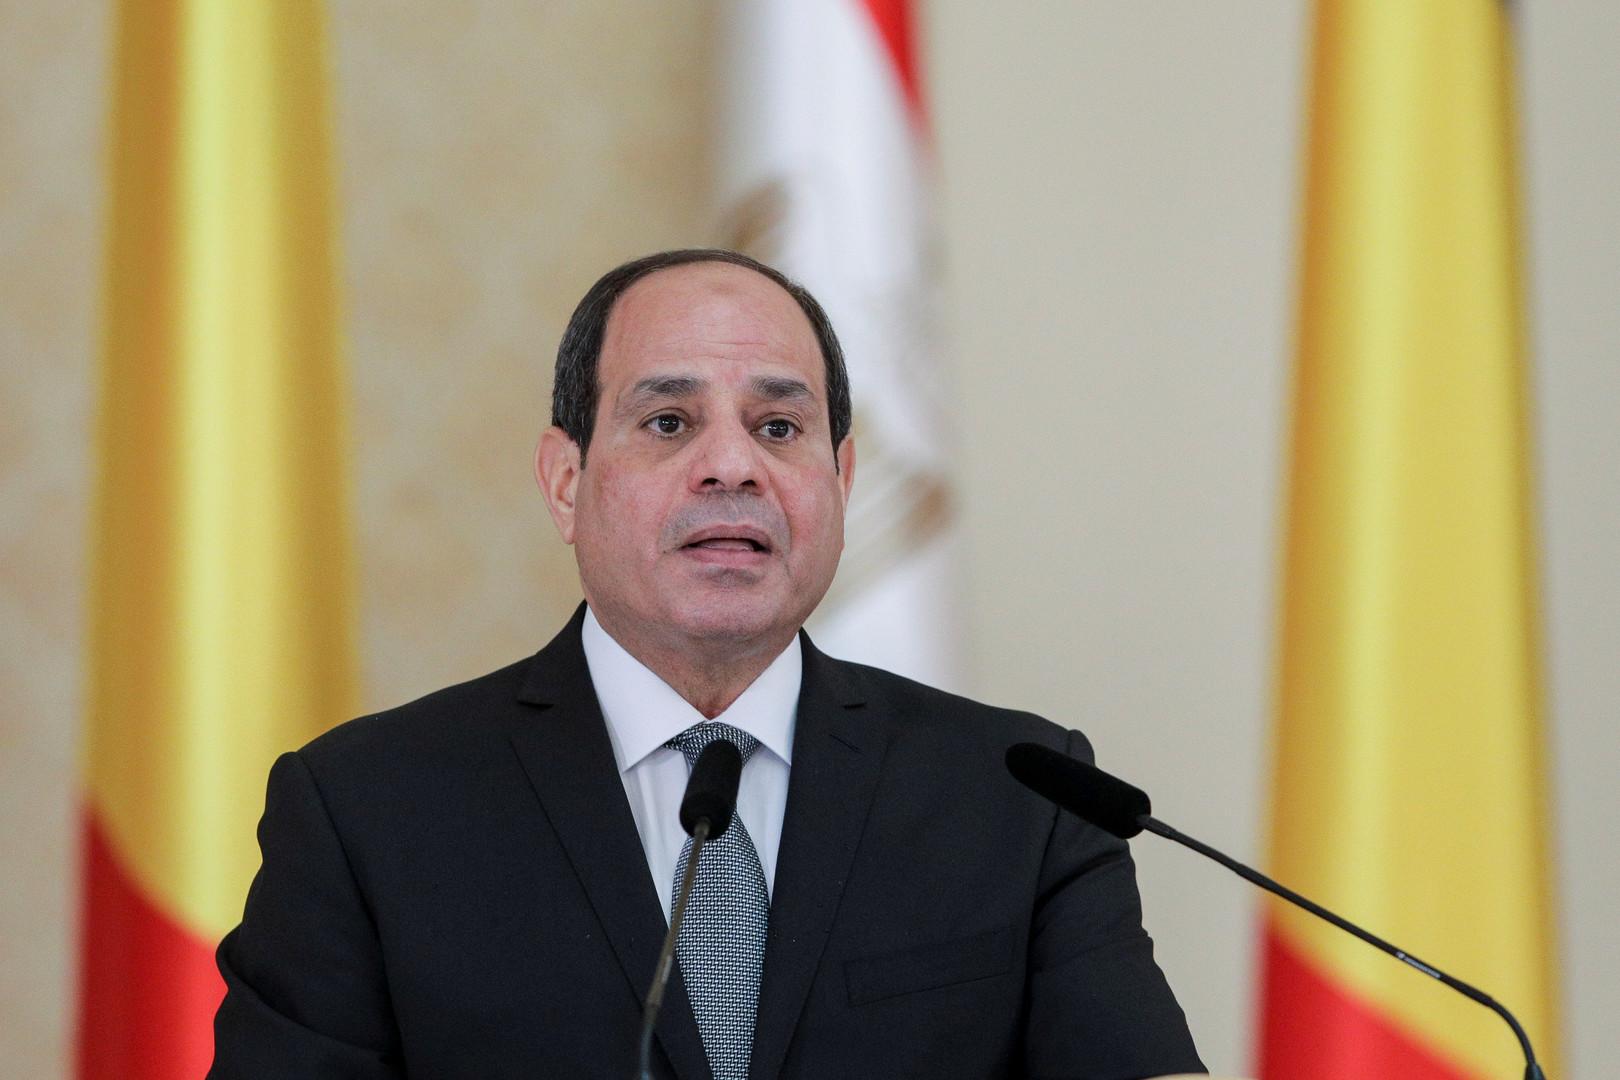 السيسي: ندعم الجيش الوطني الليبي ويجب منع التدخلات الخارجية في البلاد